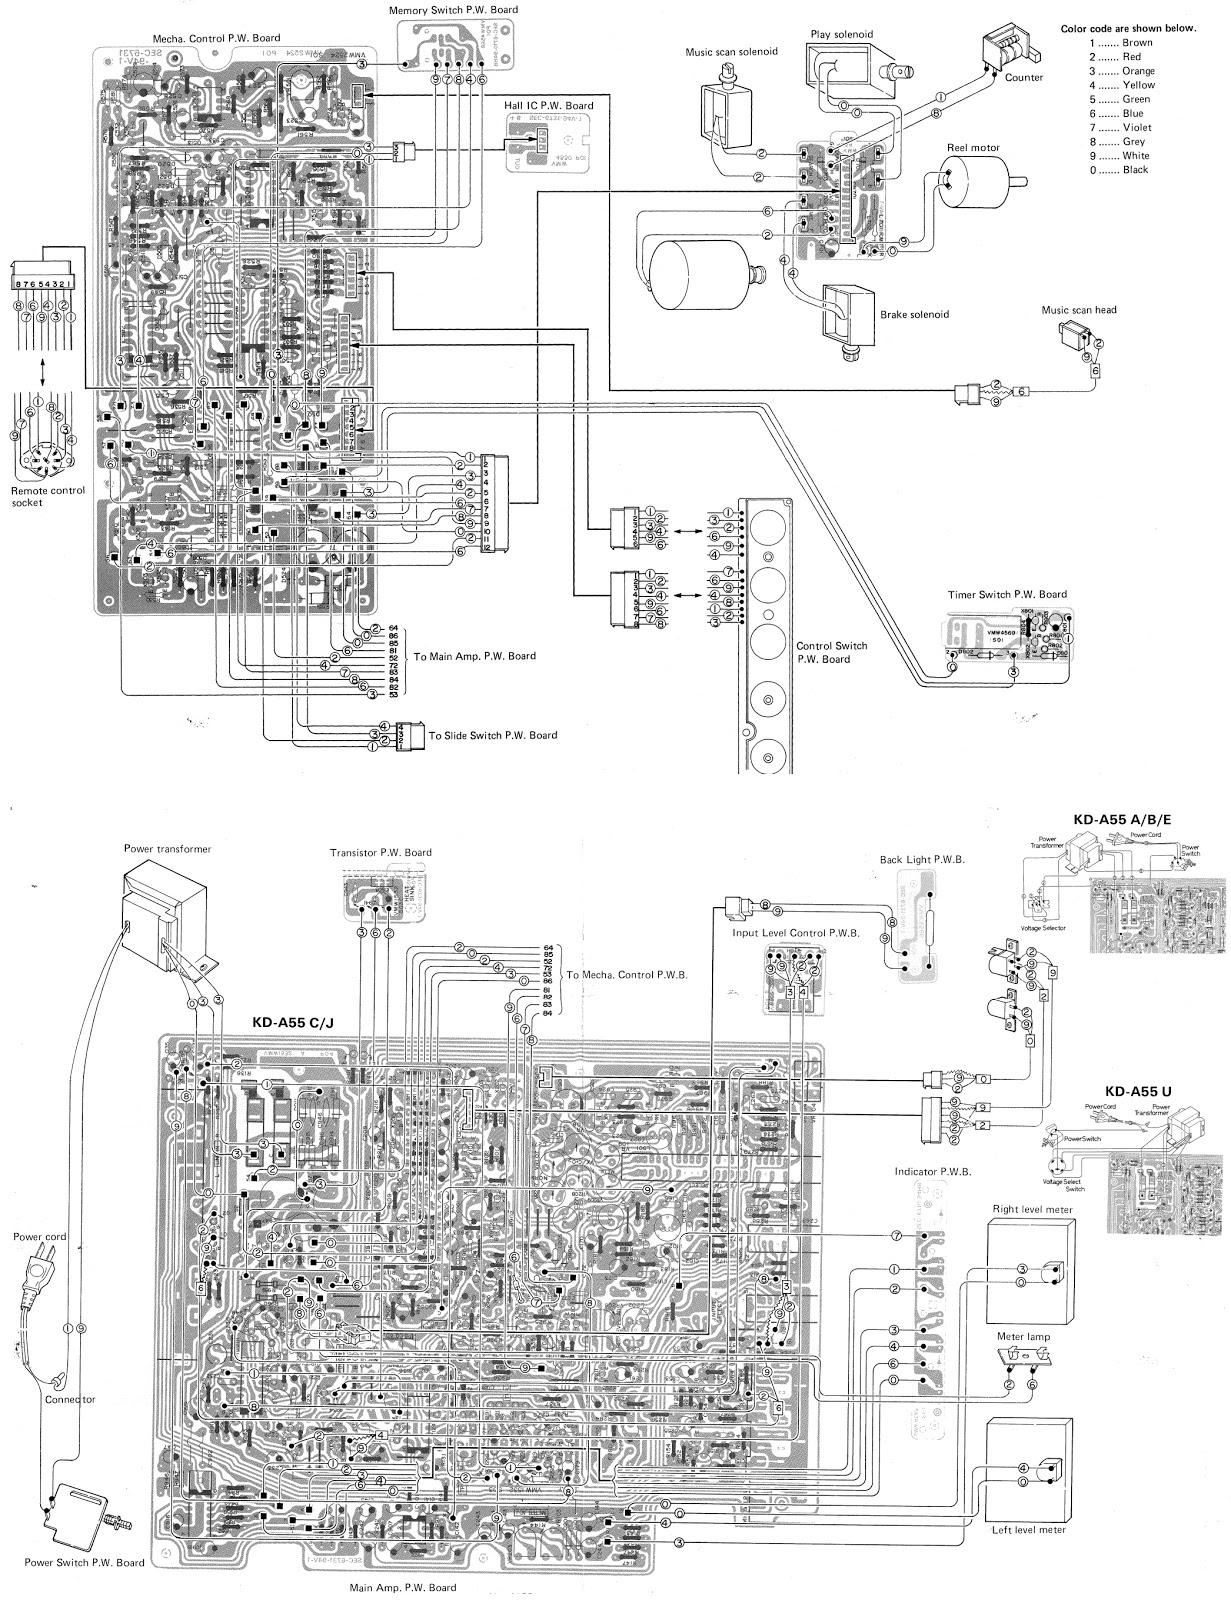 alpine ina w900 wiring diagram wiring diagram todays rh 3 18 10 1813weddingbarn com alpine ina [ 1231 x 1600 Pixel ]